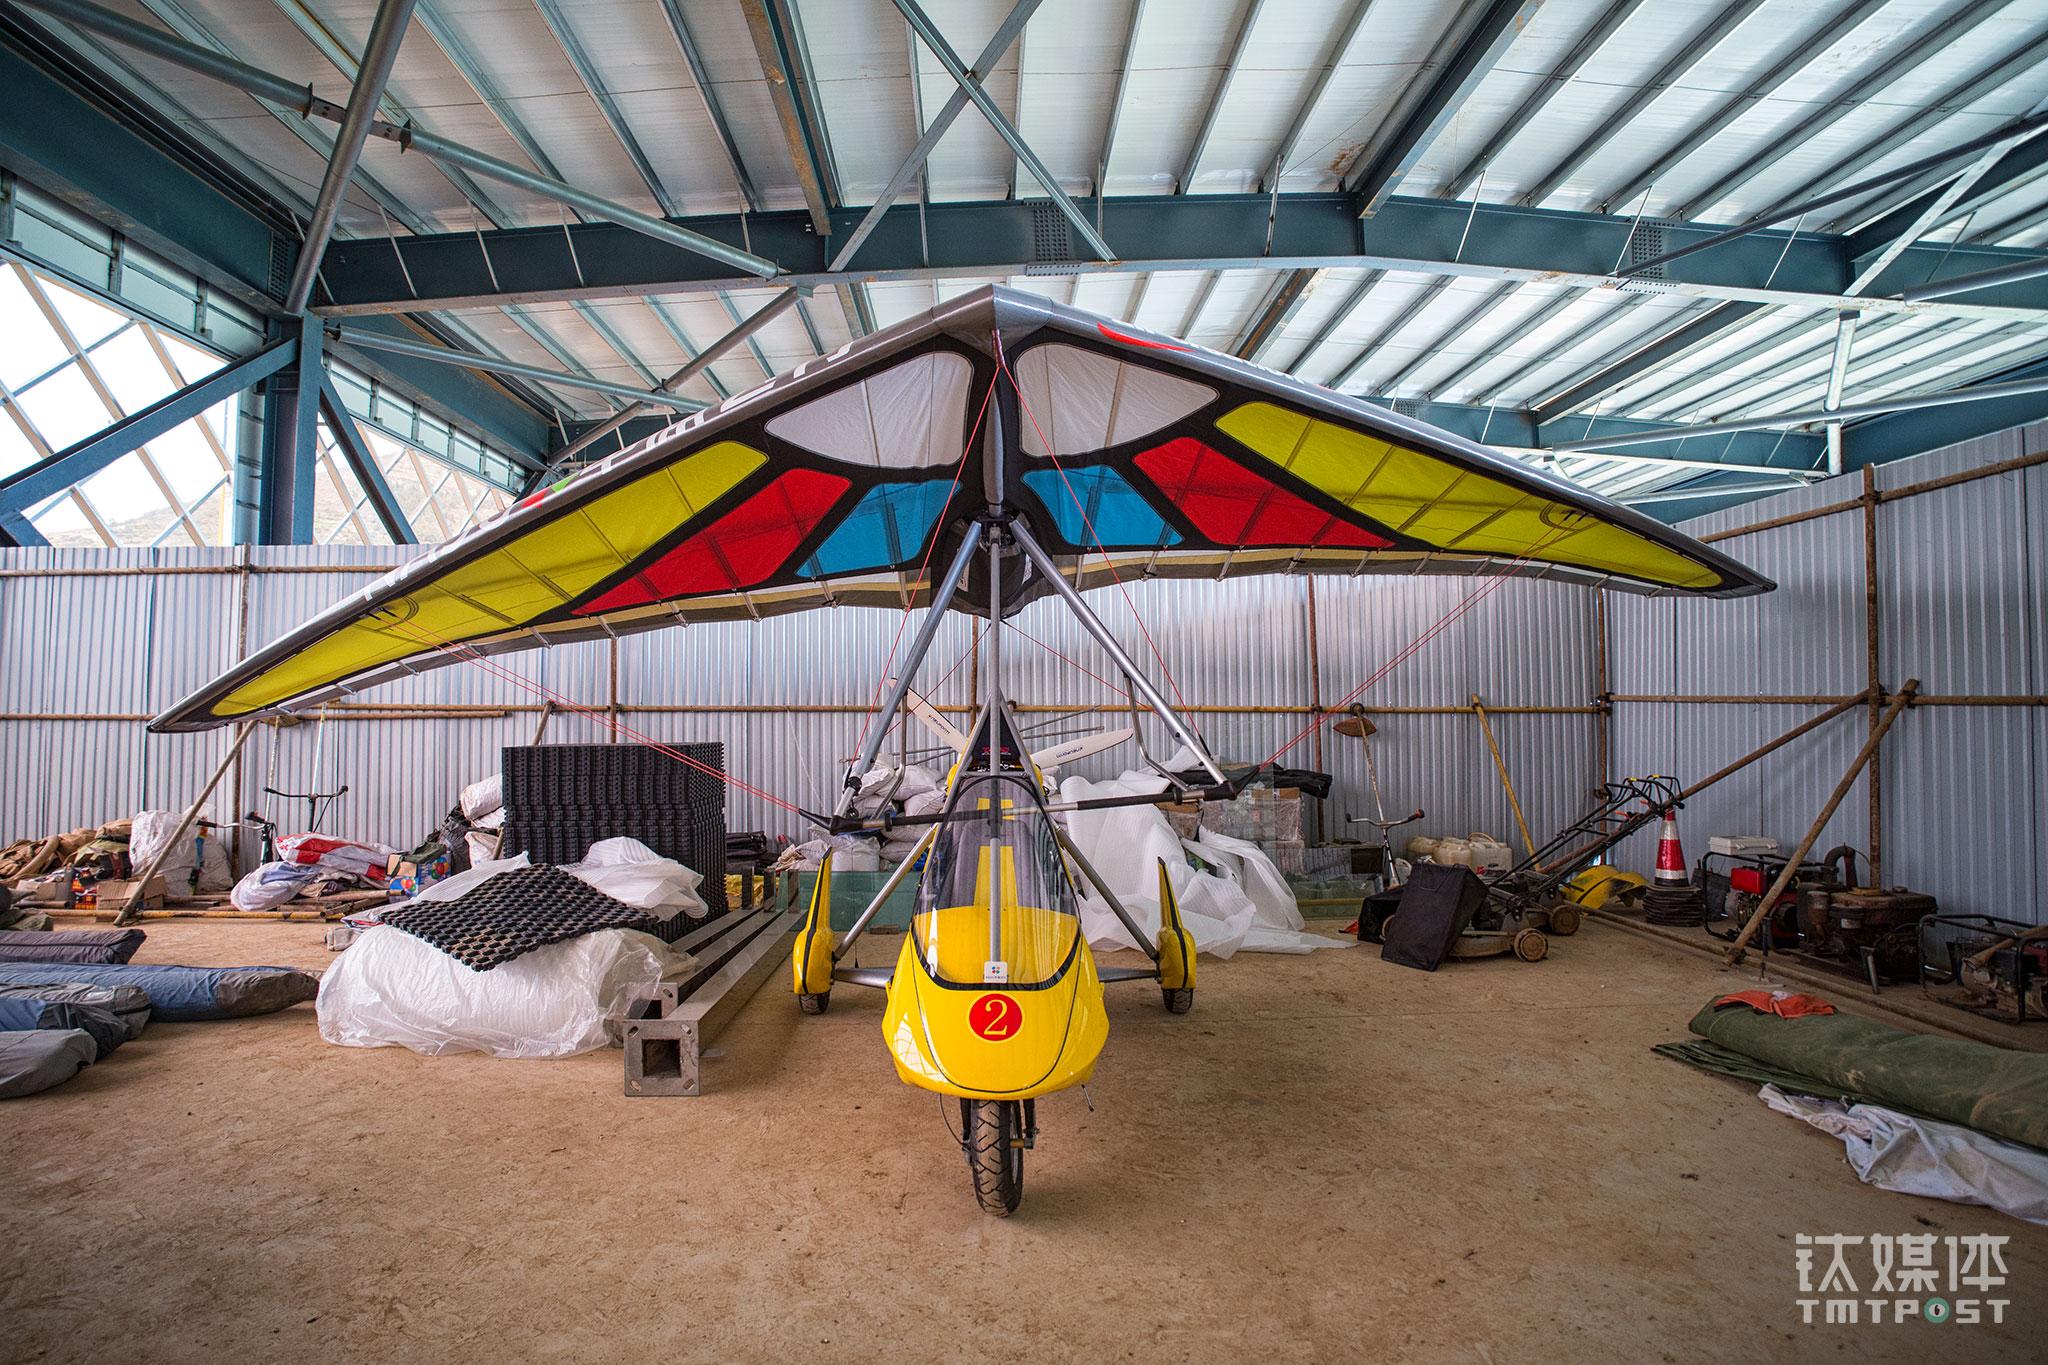 临时机库中的动力三角翼。巡航速度在100公里左右,最大速度达到180公里,主要用于航空训练、观光、航拍航摄、森林防护等,最低可以离地1米飞行,最高可飞到5000米。